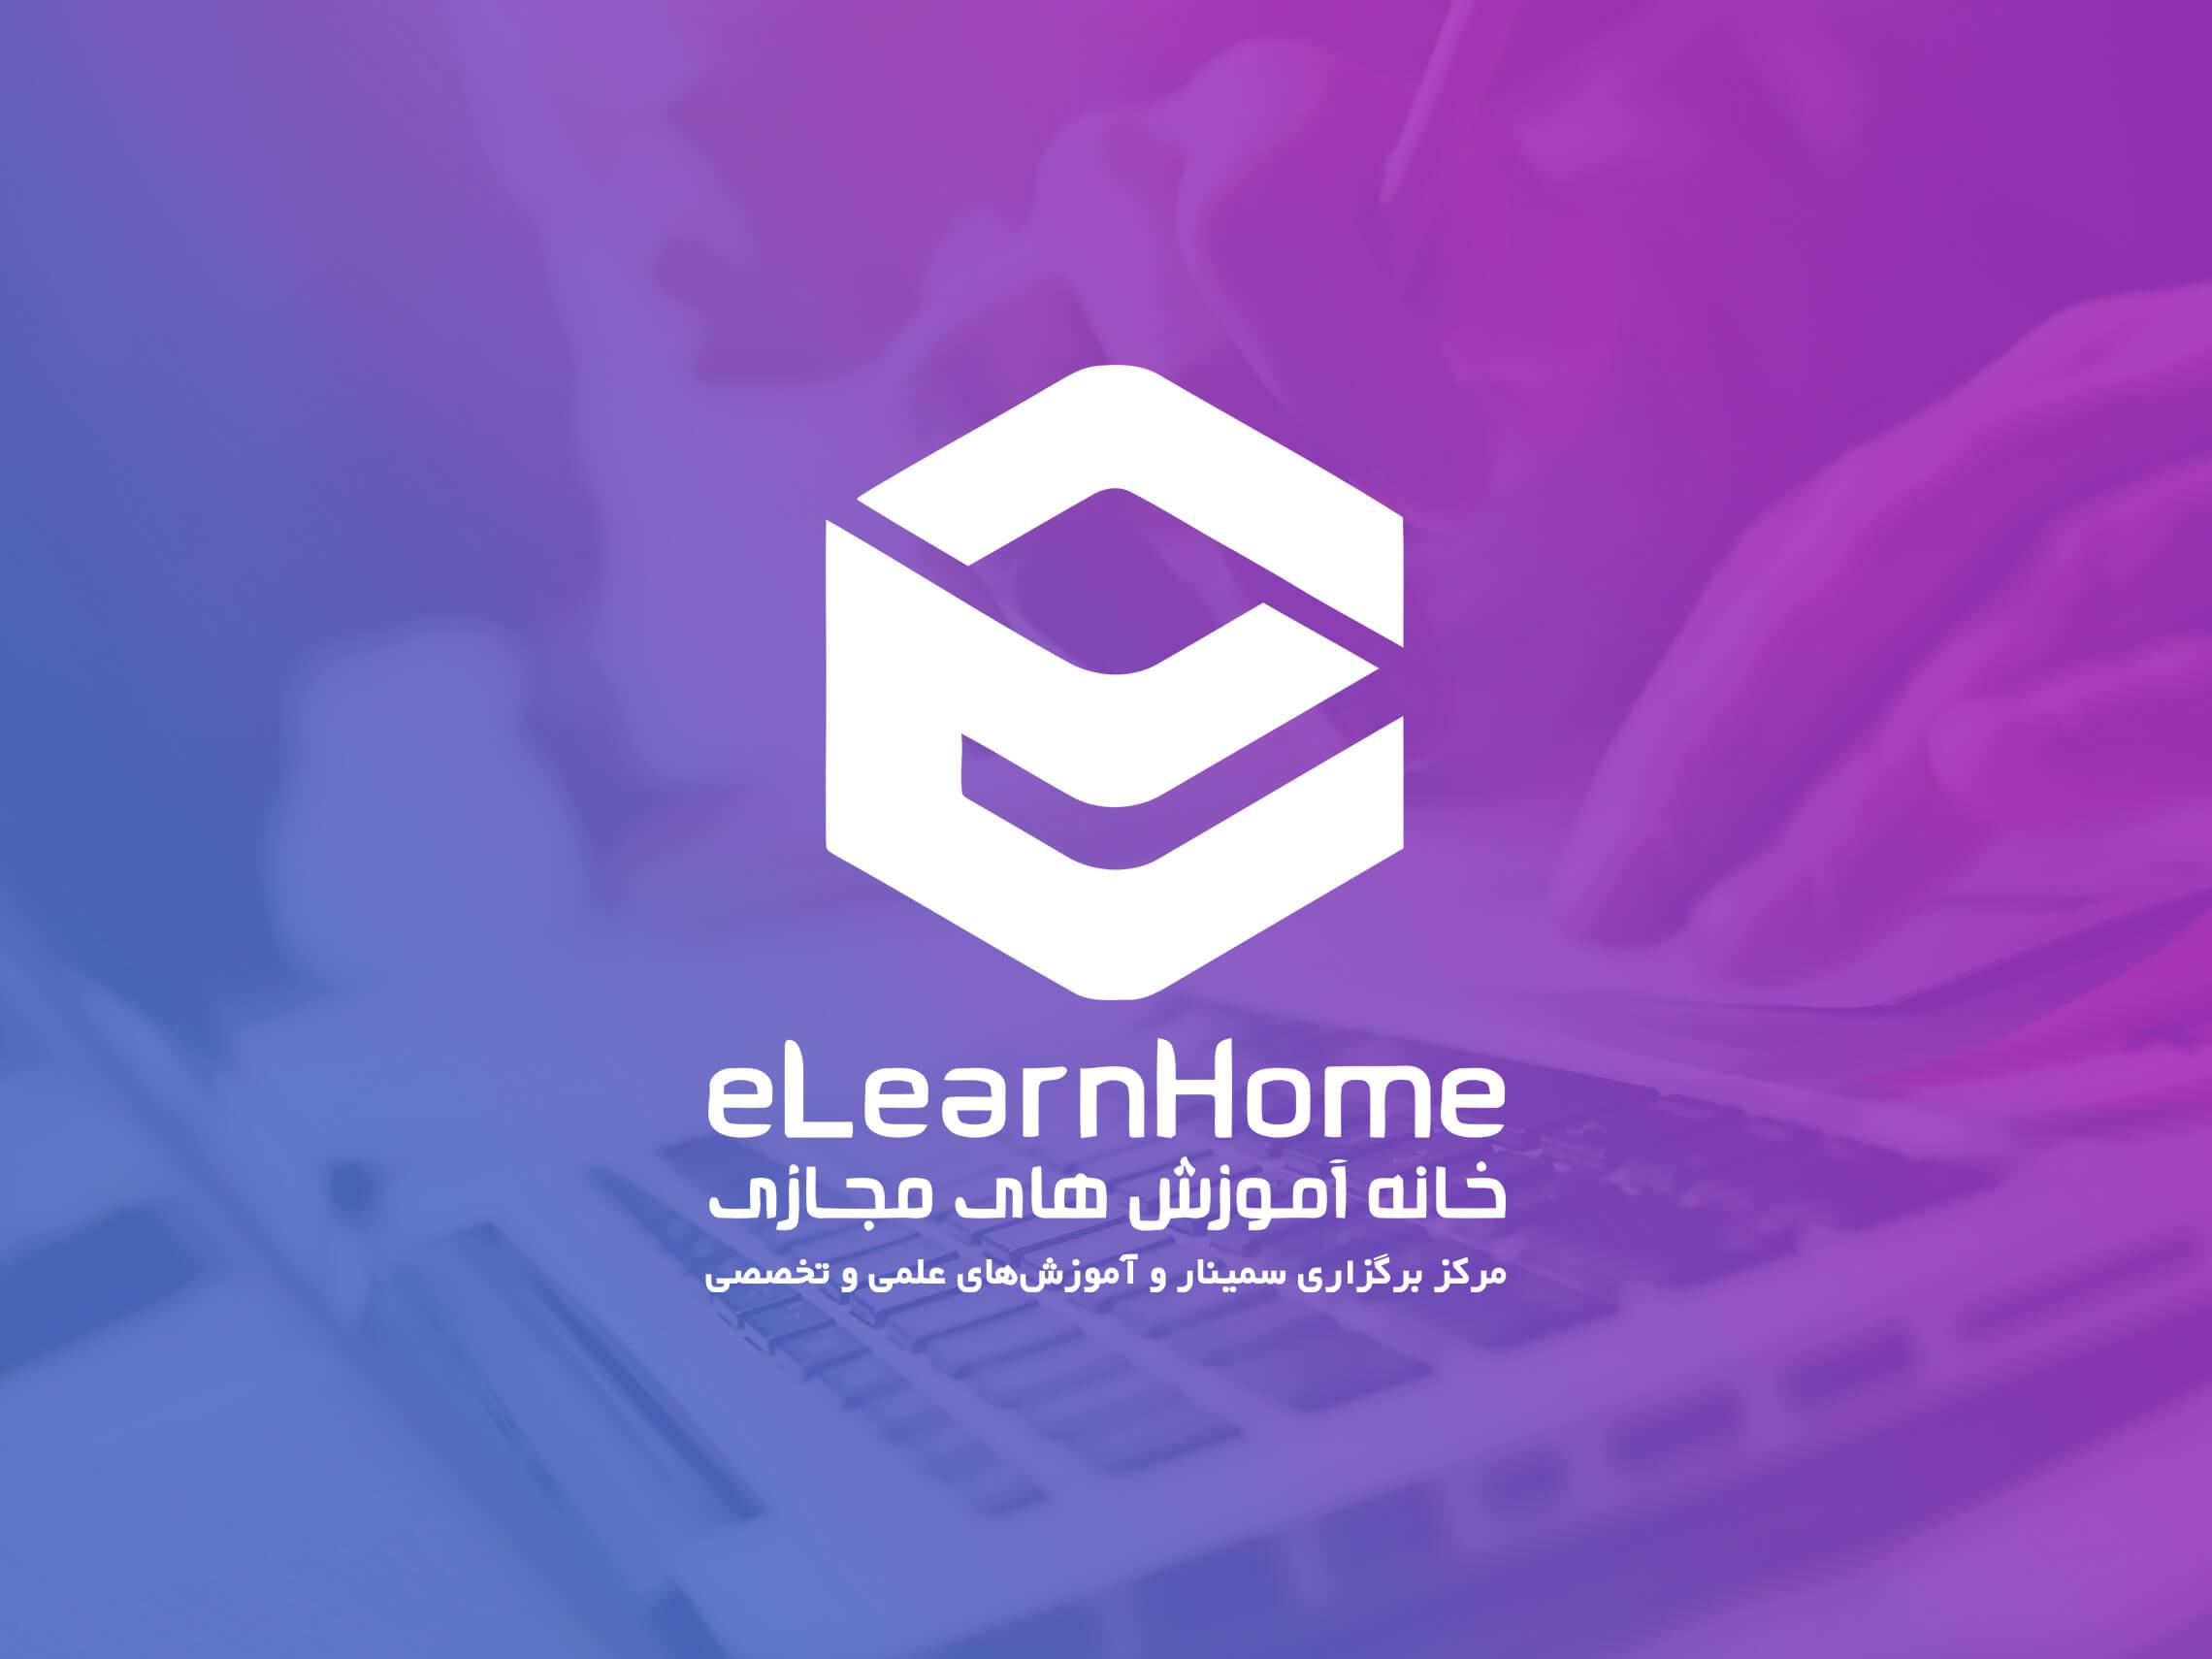 خانه آموزشهای مجازی، ارائه آموزشهای غیر حضوری و ارائه گواهینامههای ملّی و بینالمللی معتبر